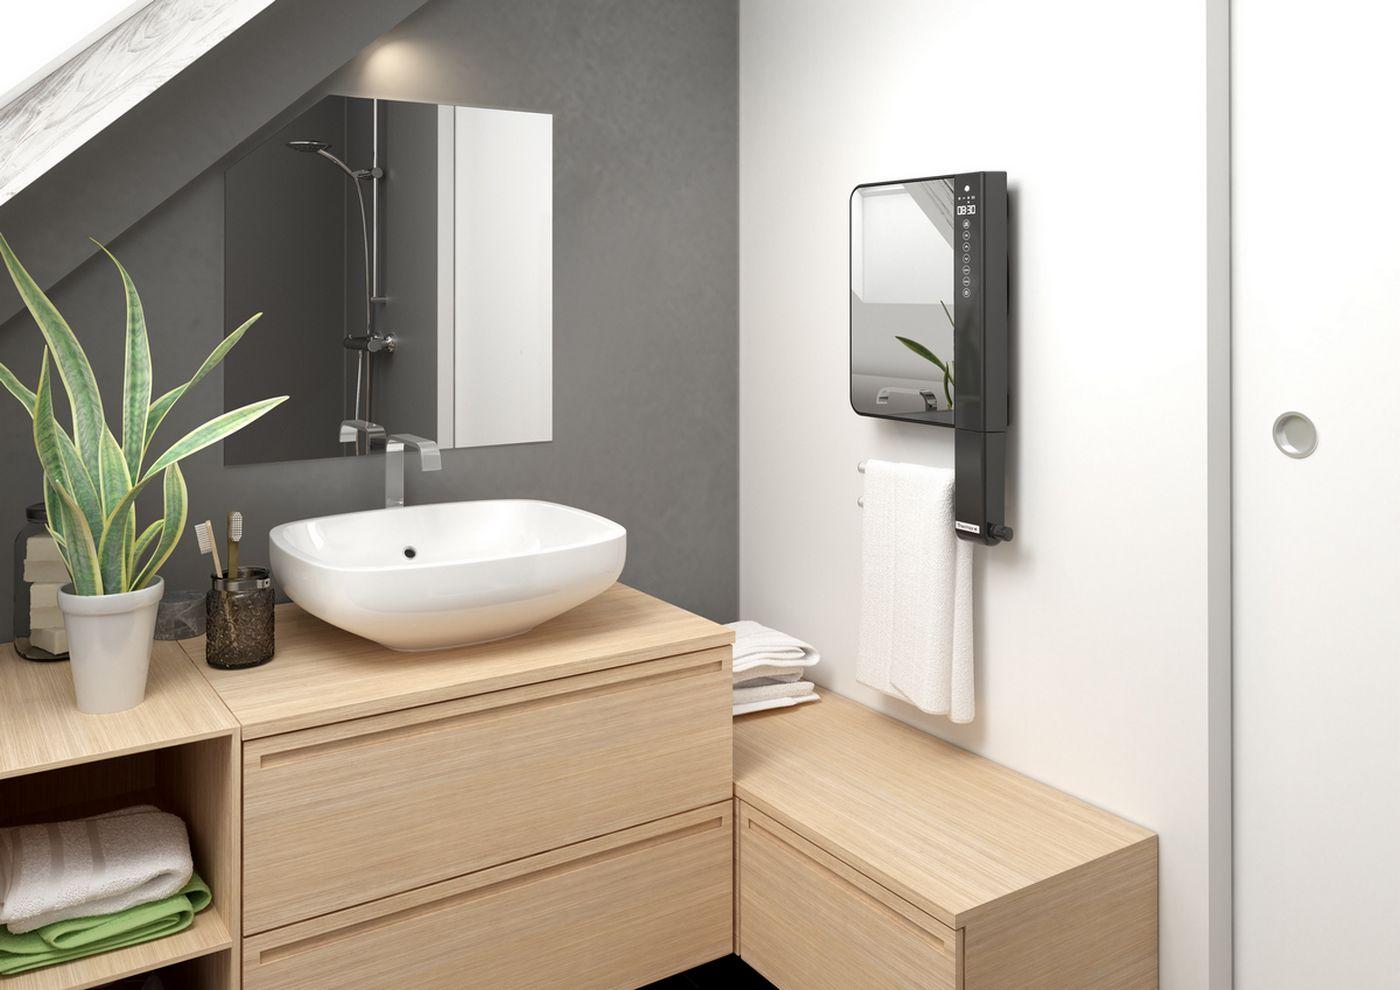 Grzejnik łazienkowy z lustrem